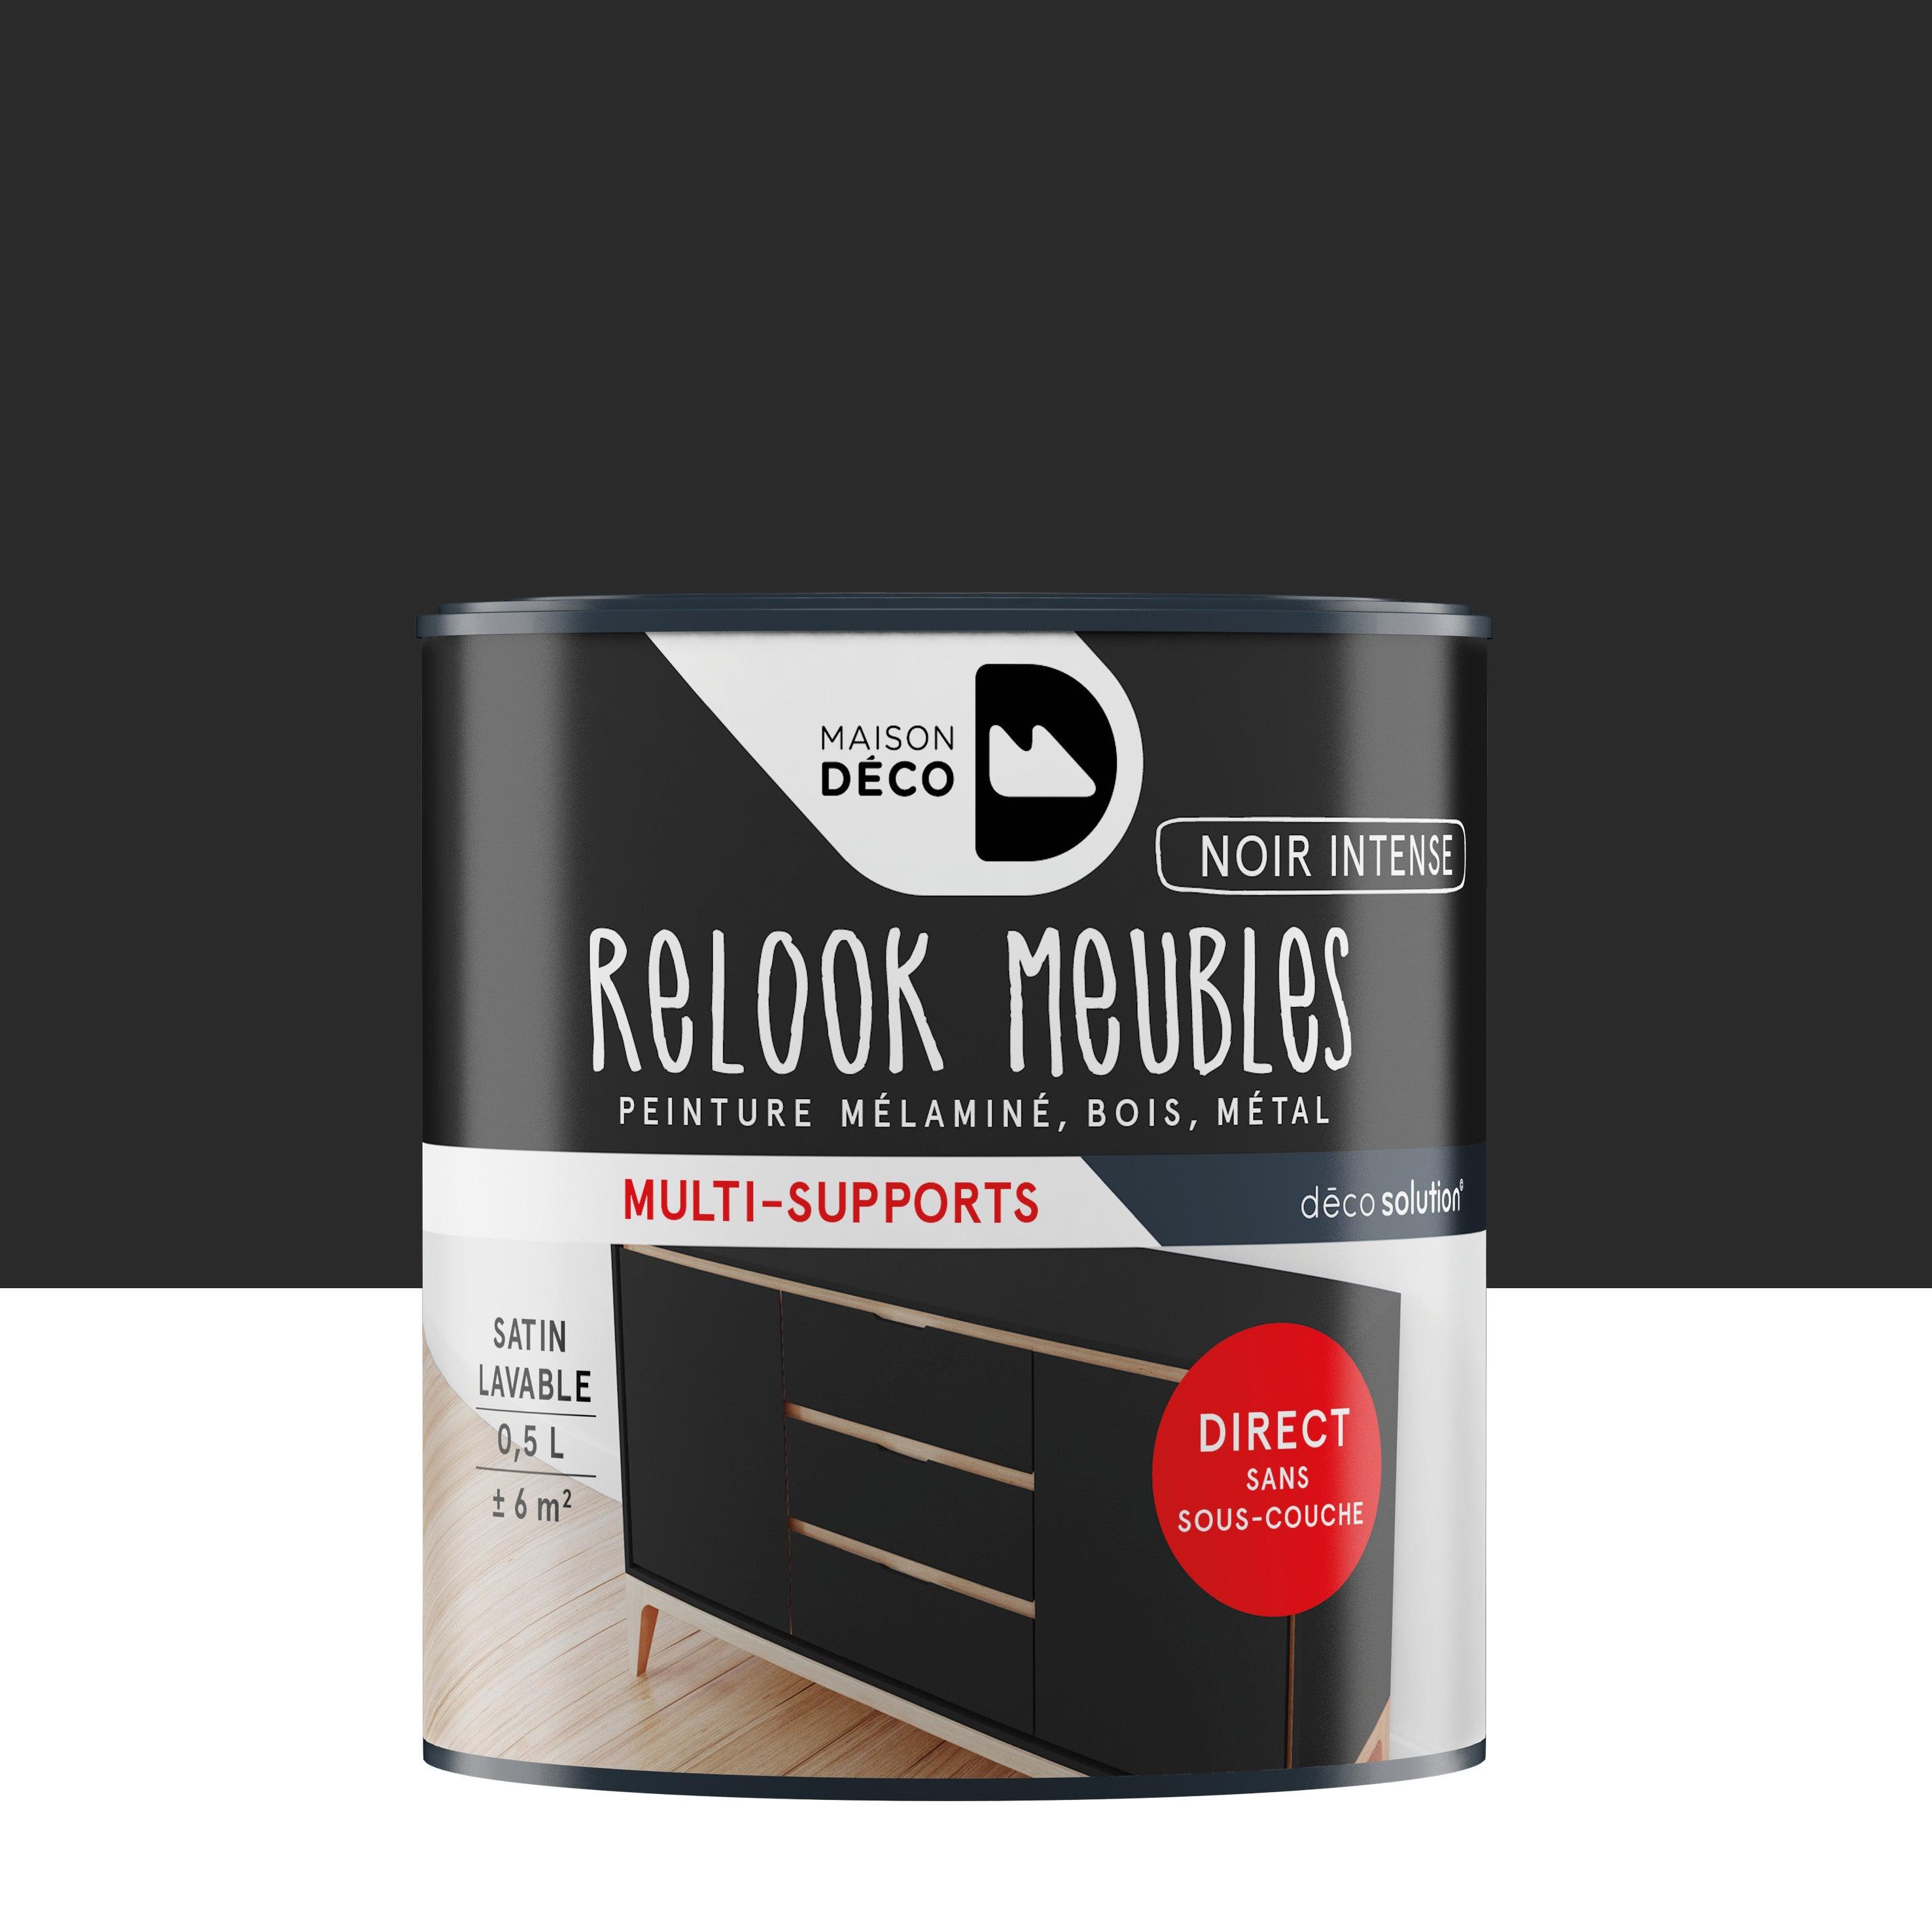 Peinture meuble et boiserie Relook meubles MAISON DECO noir satiné 14.14 l